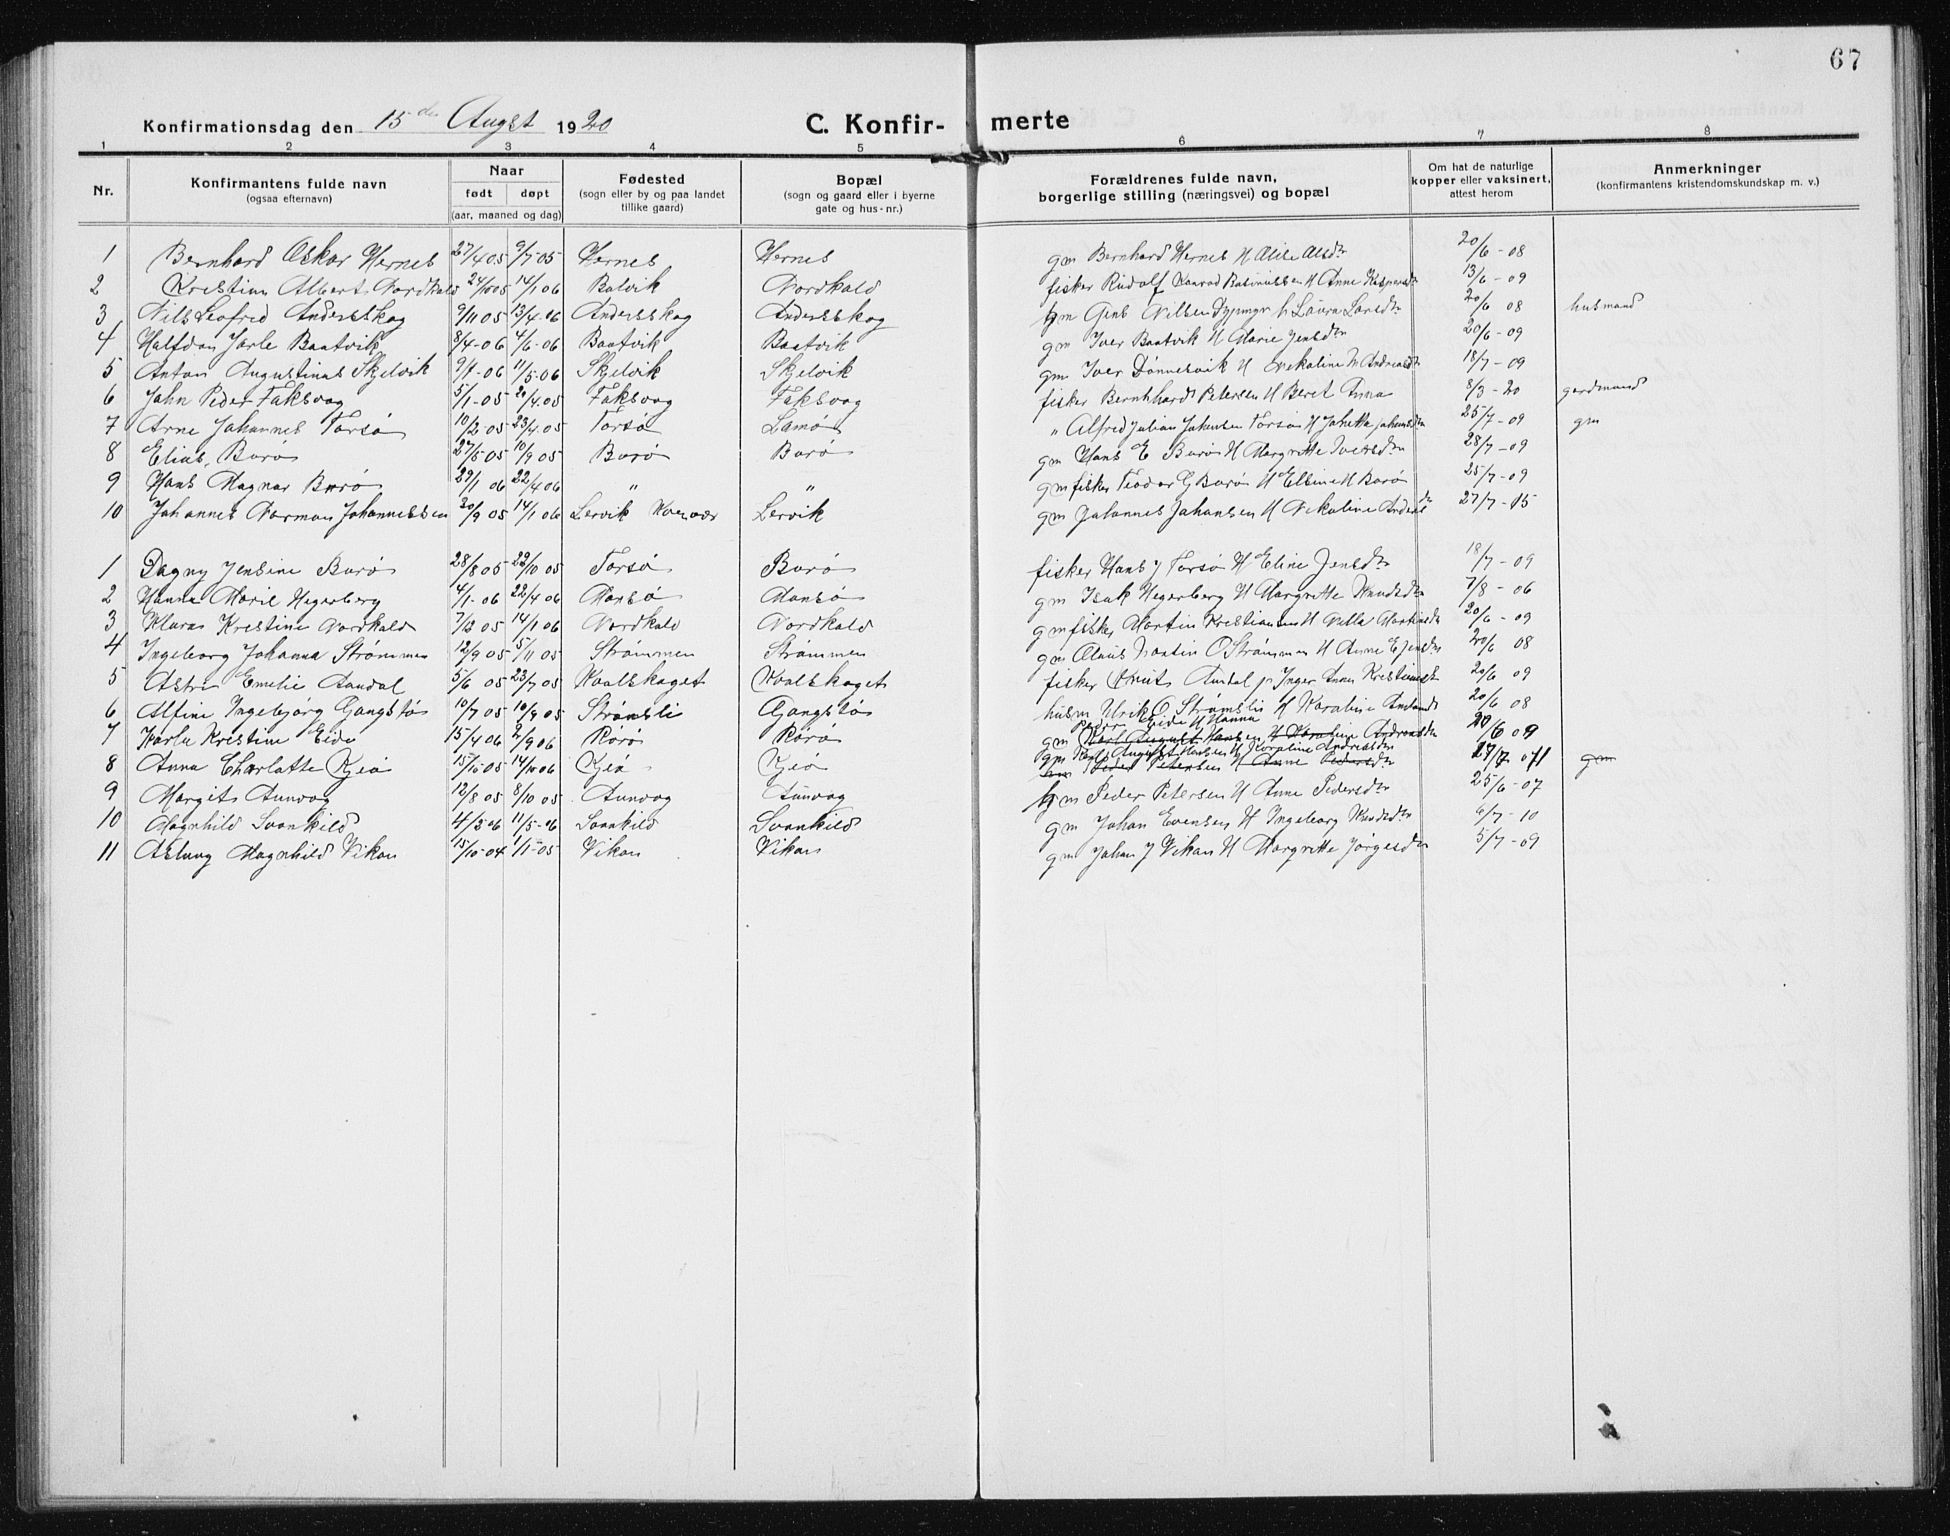 SAT, Ministerialprotokoller, klokkerbøker og fødselsregistre - Sør-Trøndelag, 635/L0554: Klokkerbok nr. 635C02, 1919-1942, s. 67